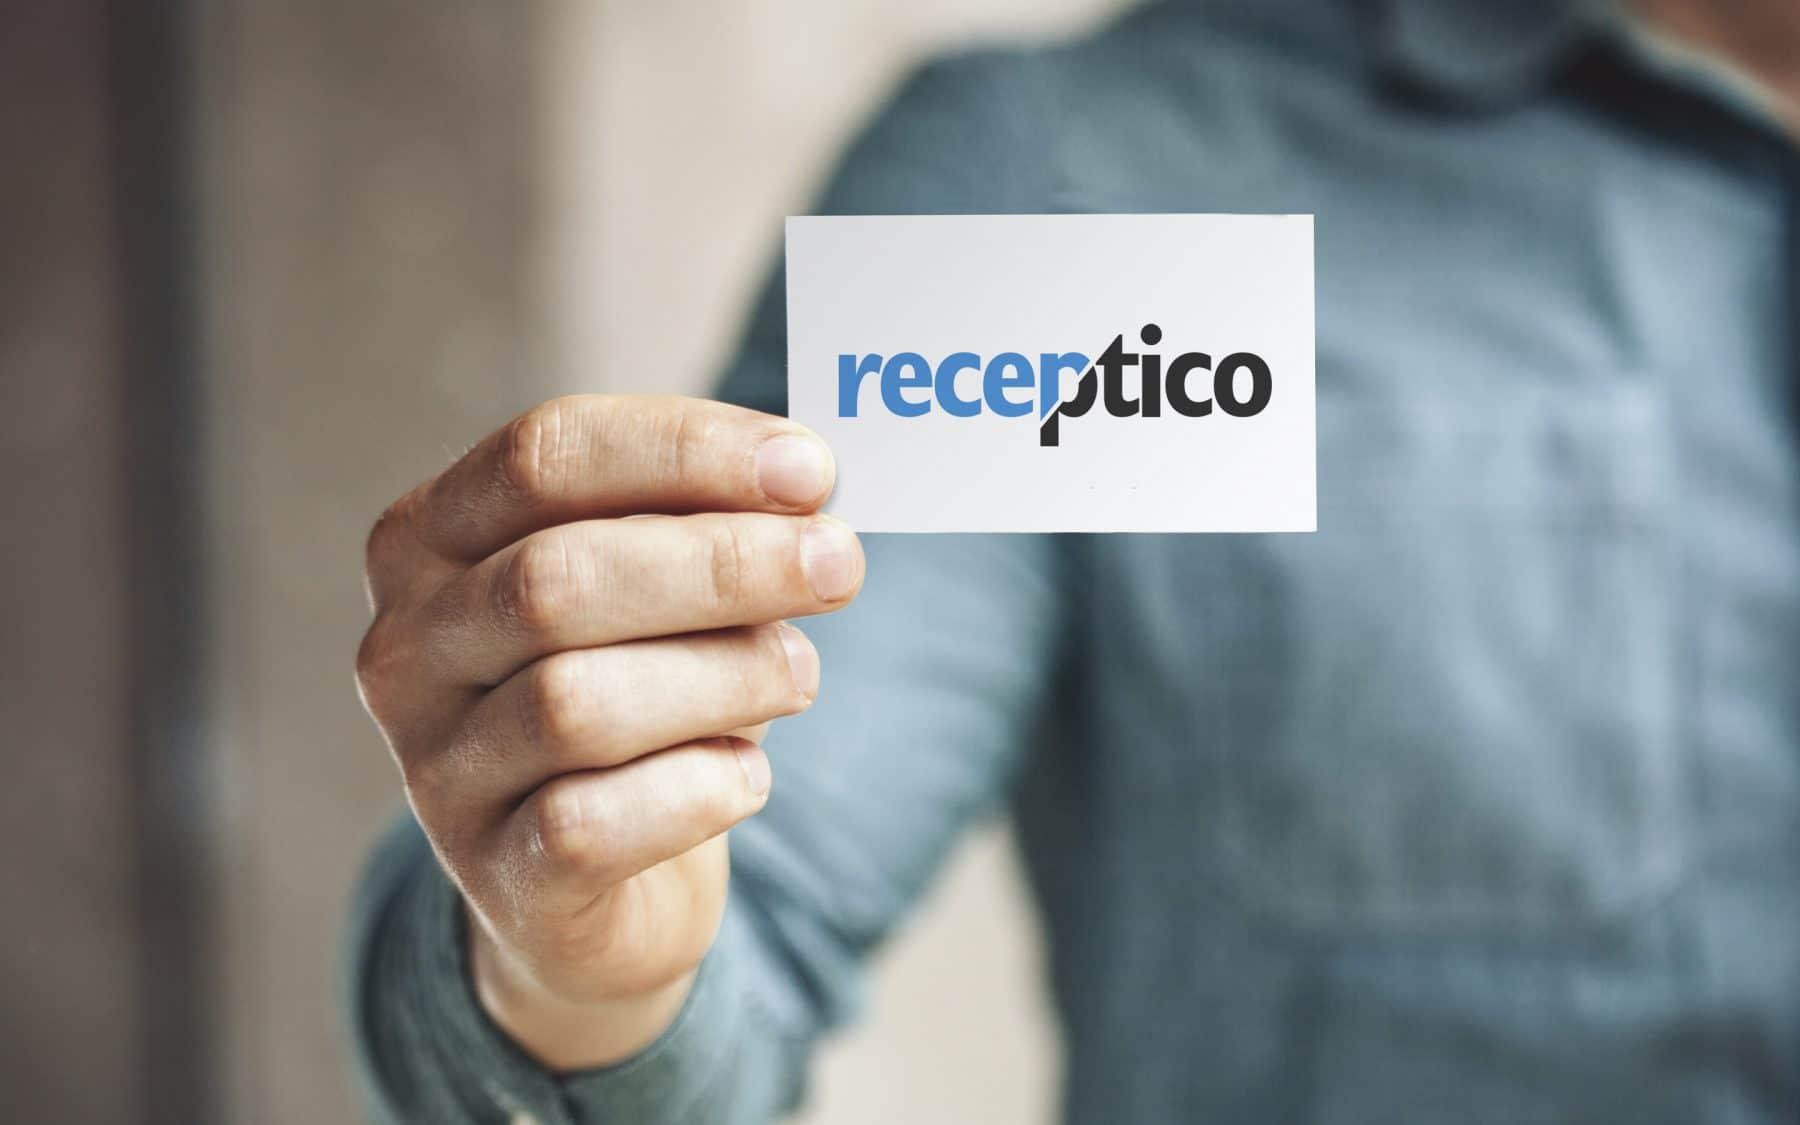 Receptico 1